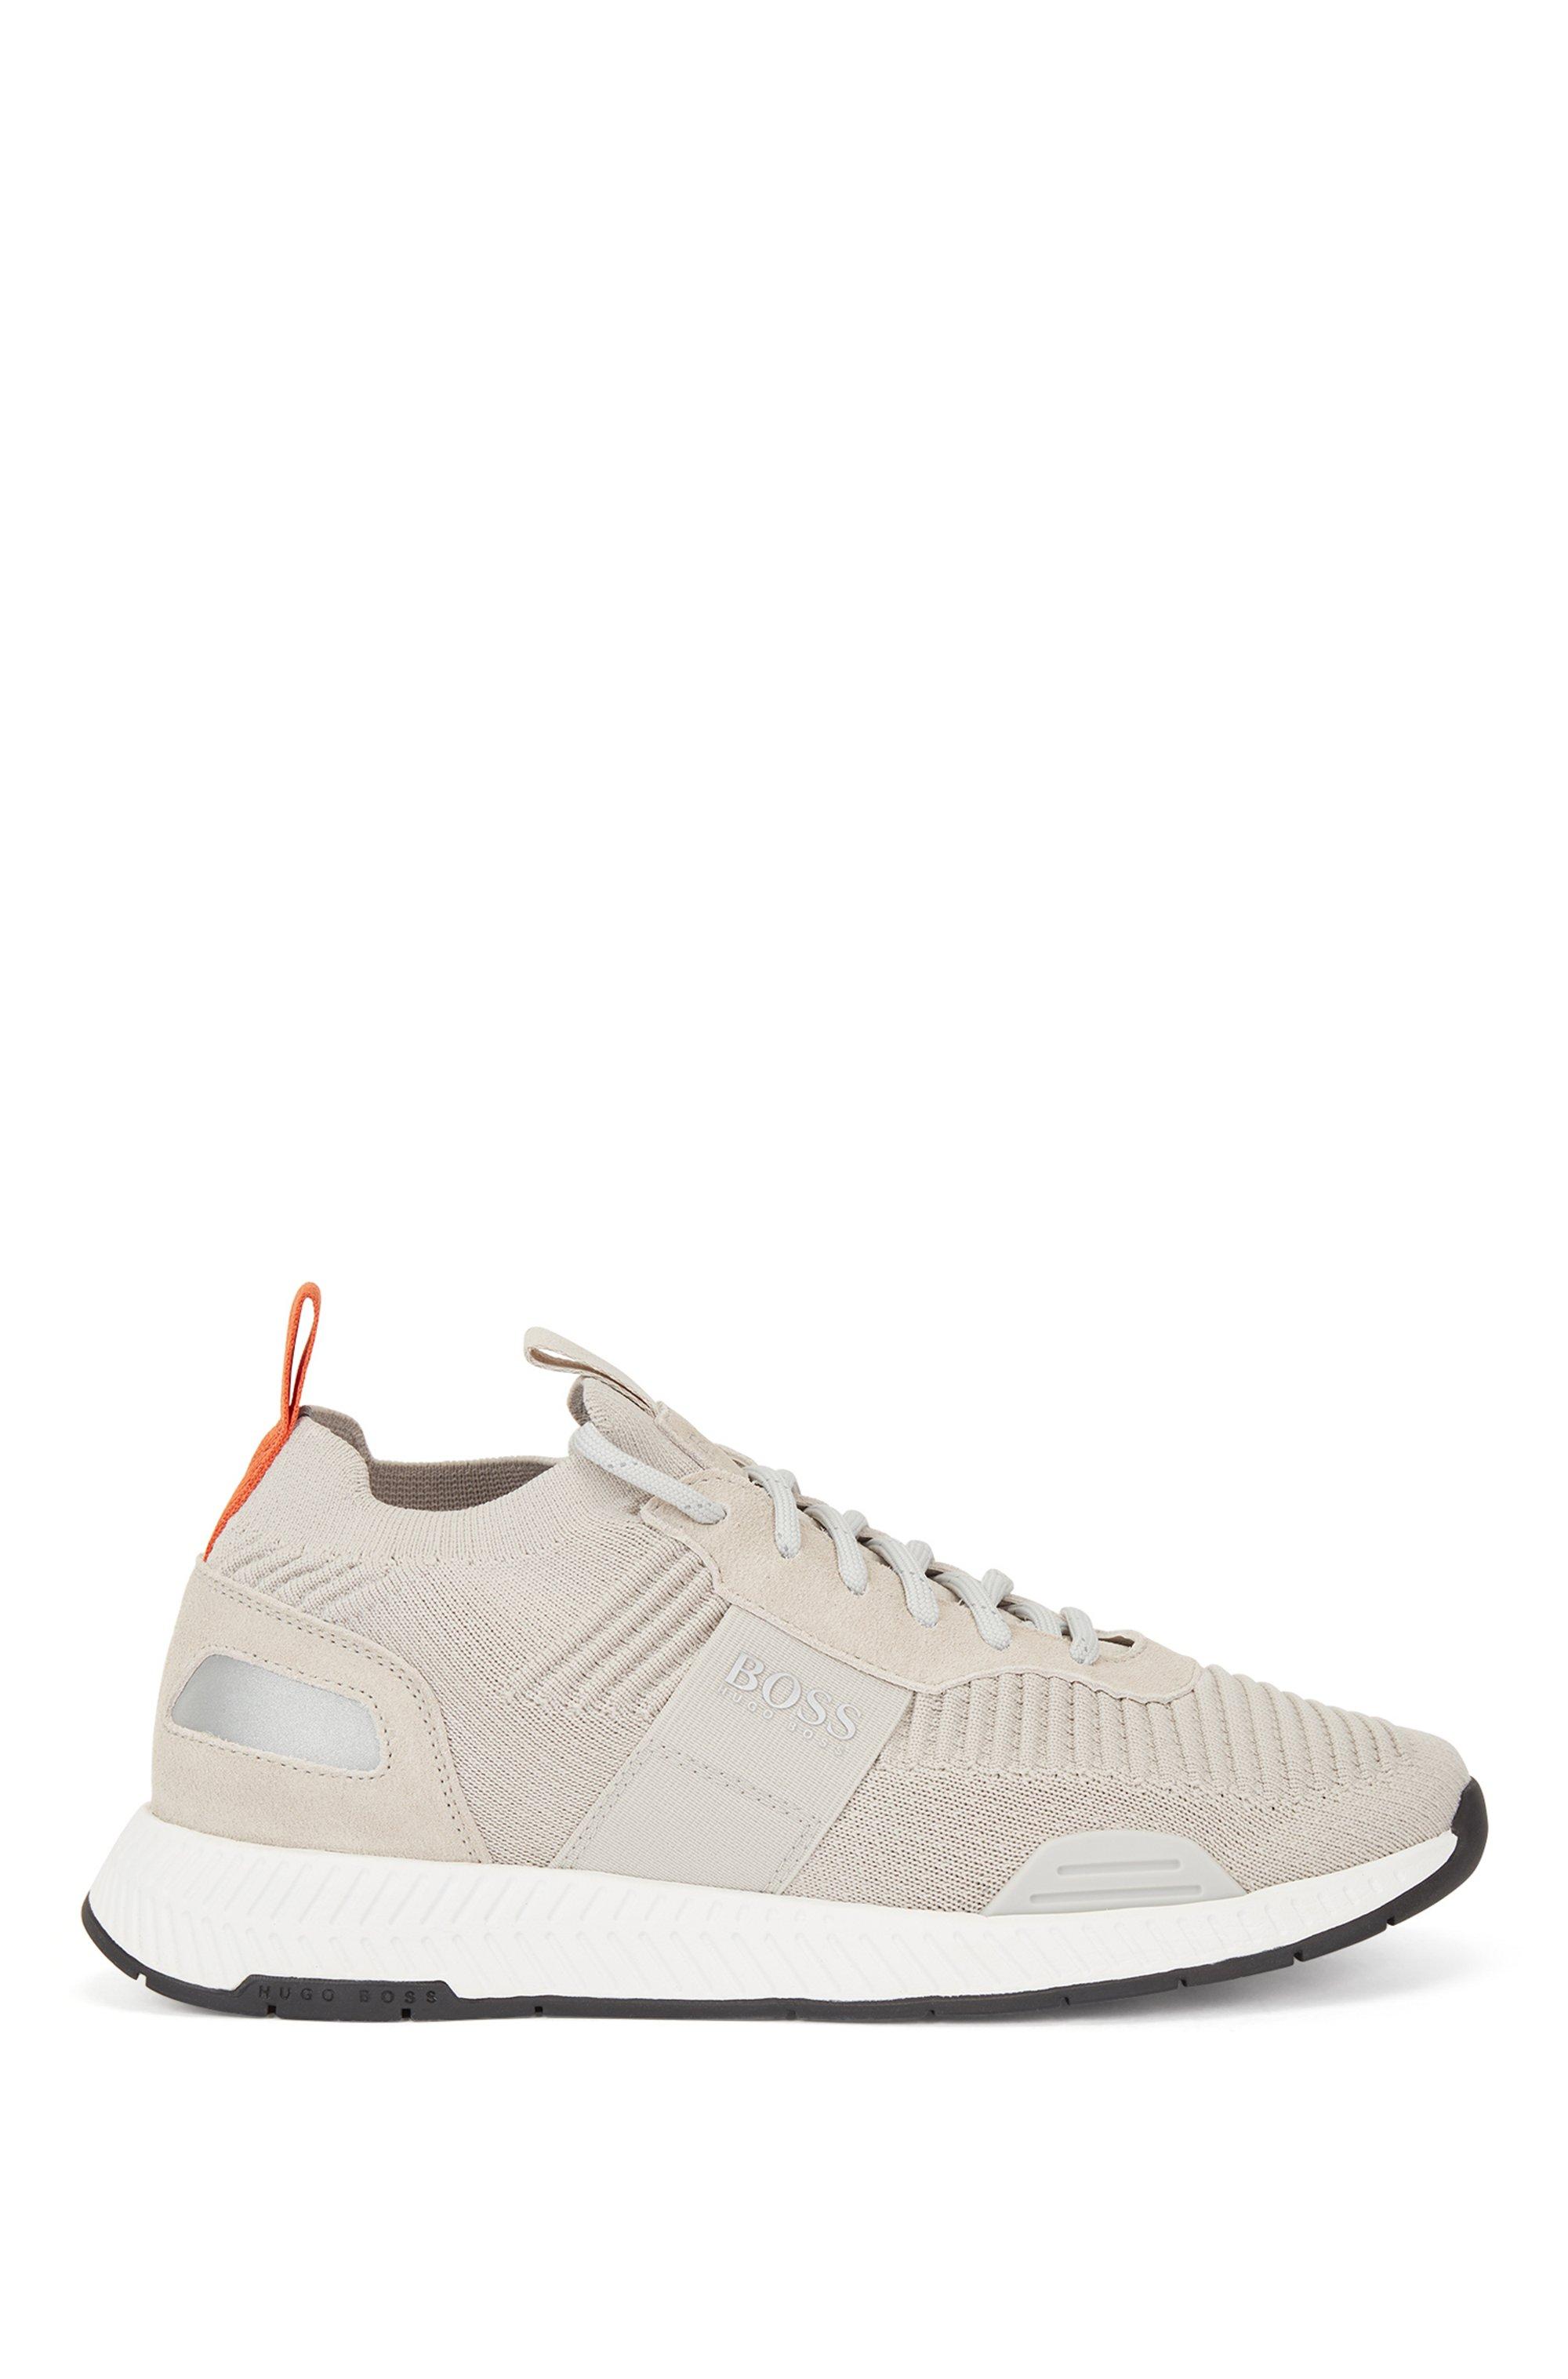 Baskets style chaussettes avec tige en maille REPREVE®, Beige clair